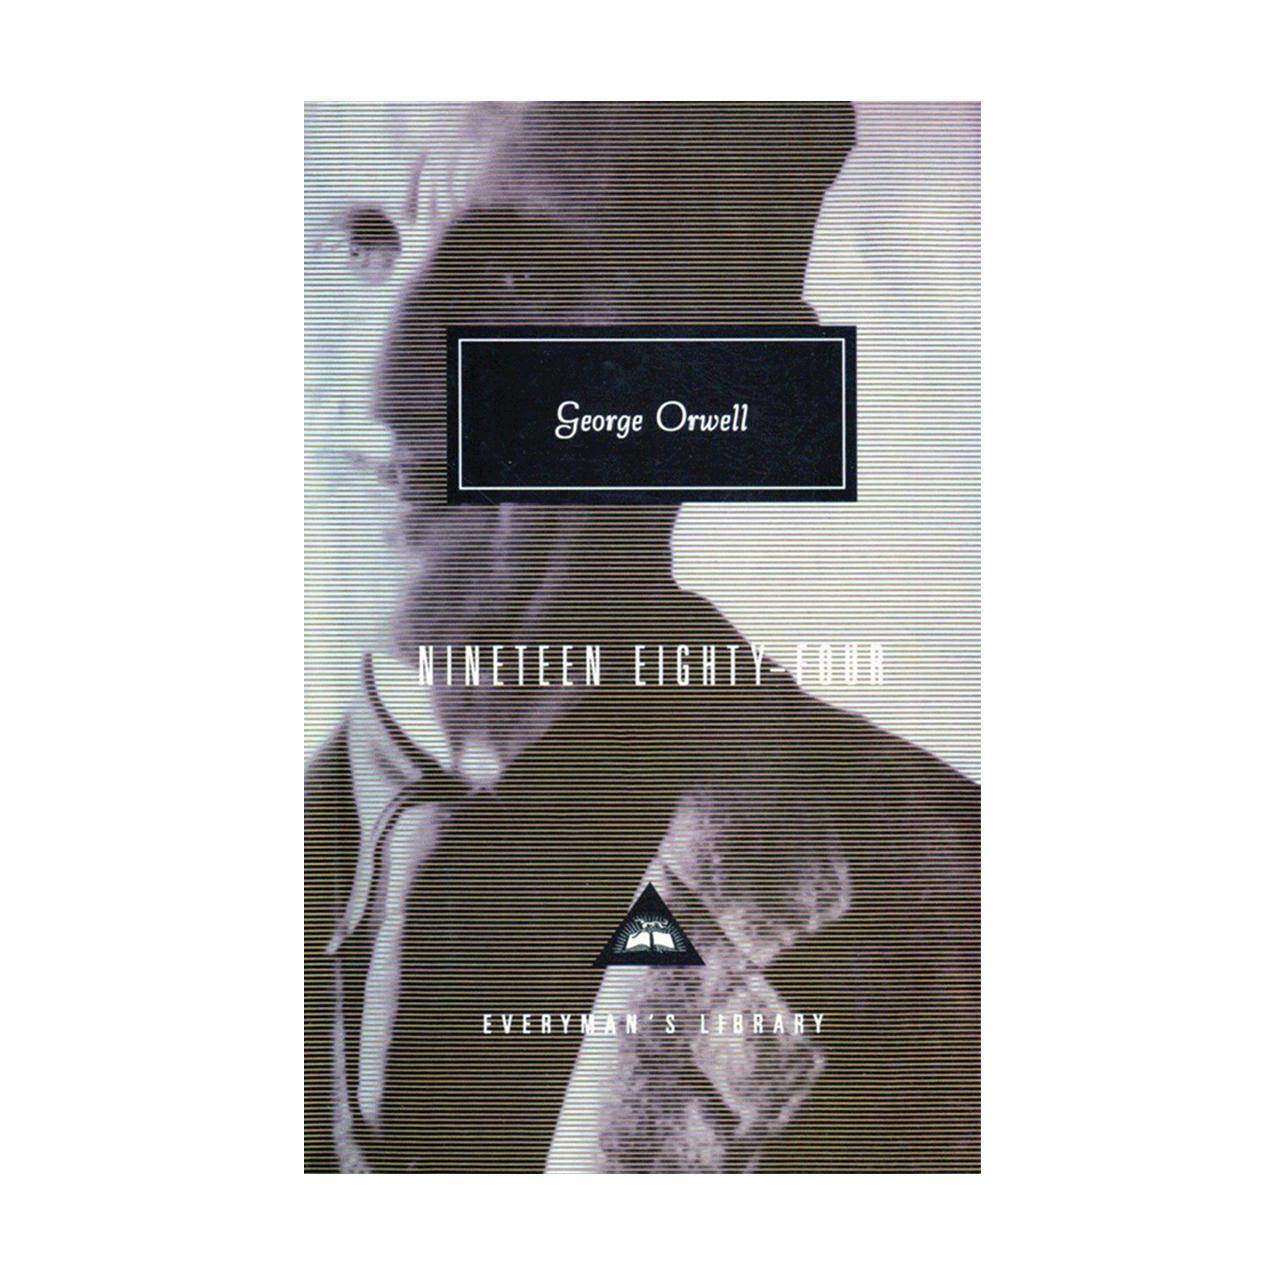 رمان انگلیسی Nineteen Eighty-Four اثر جورج اورول